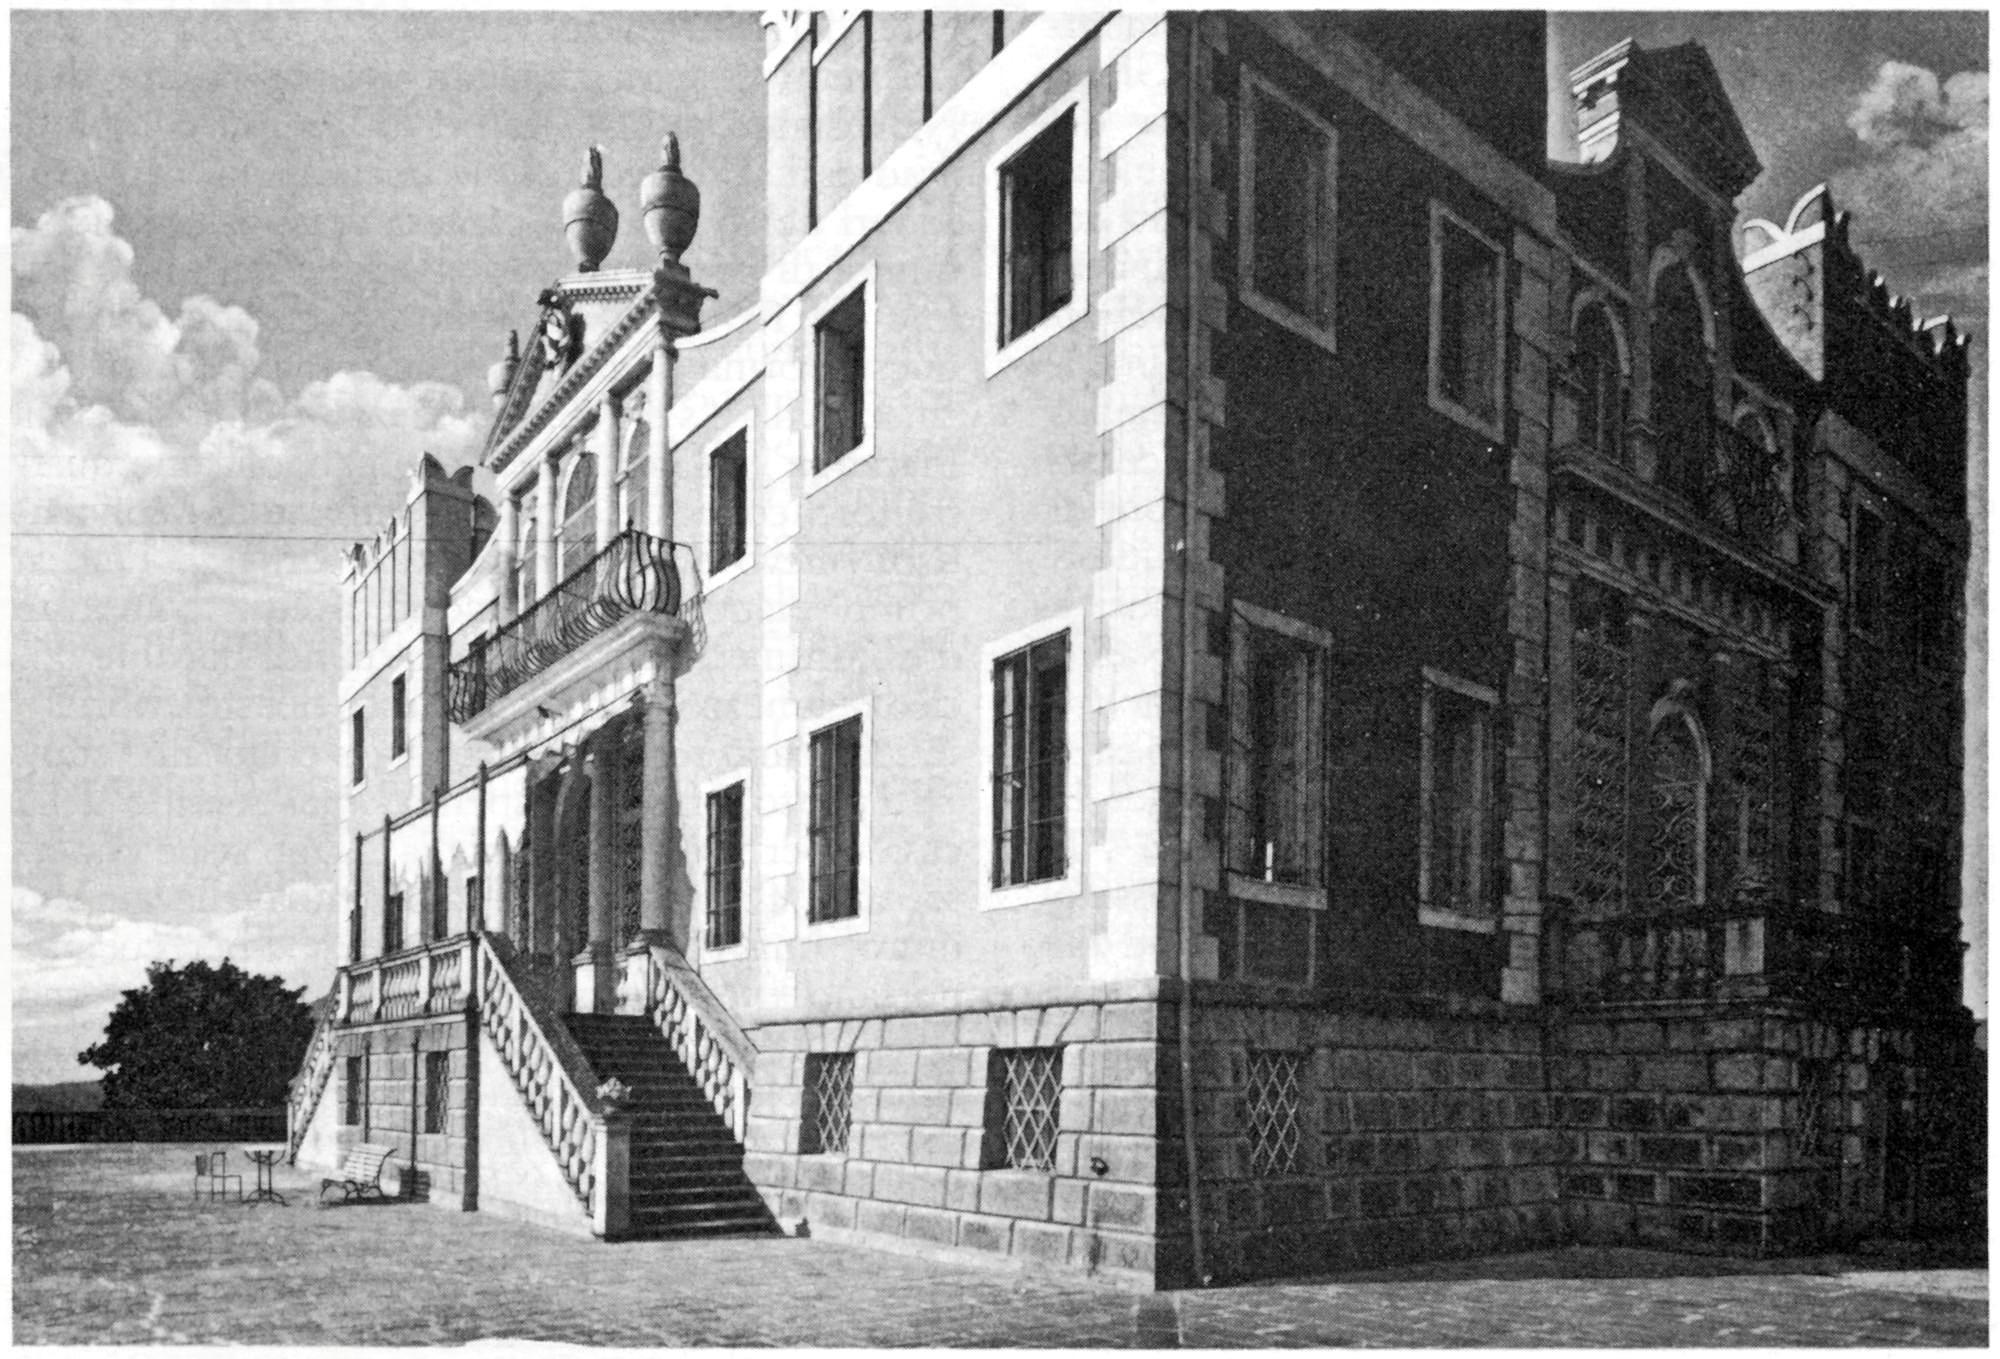 La villa Emo, ex Selvatico, in una foto degli anni '20 del secolo scorso.